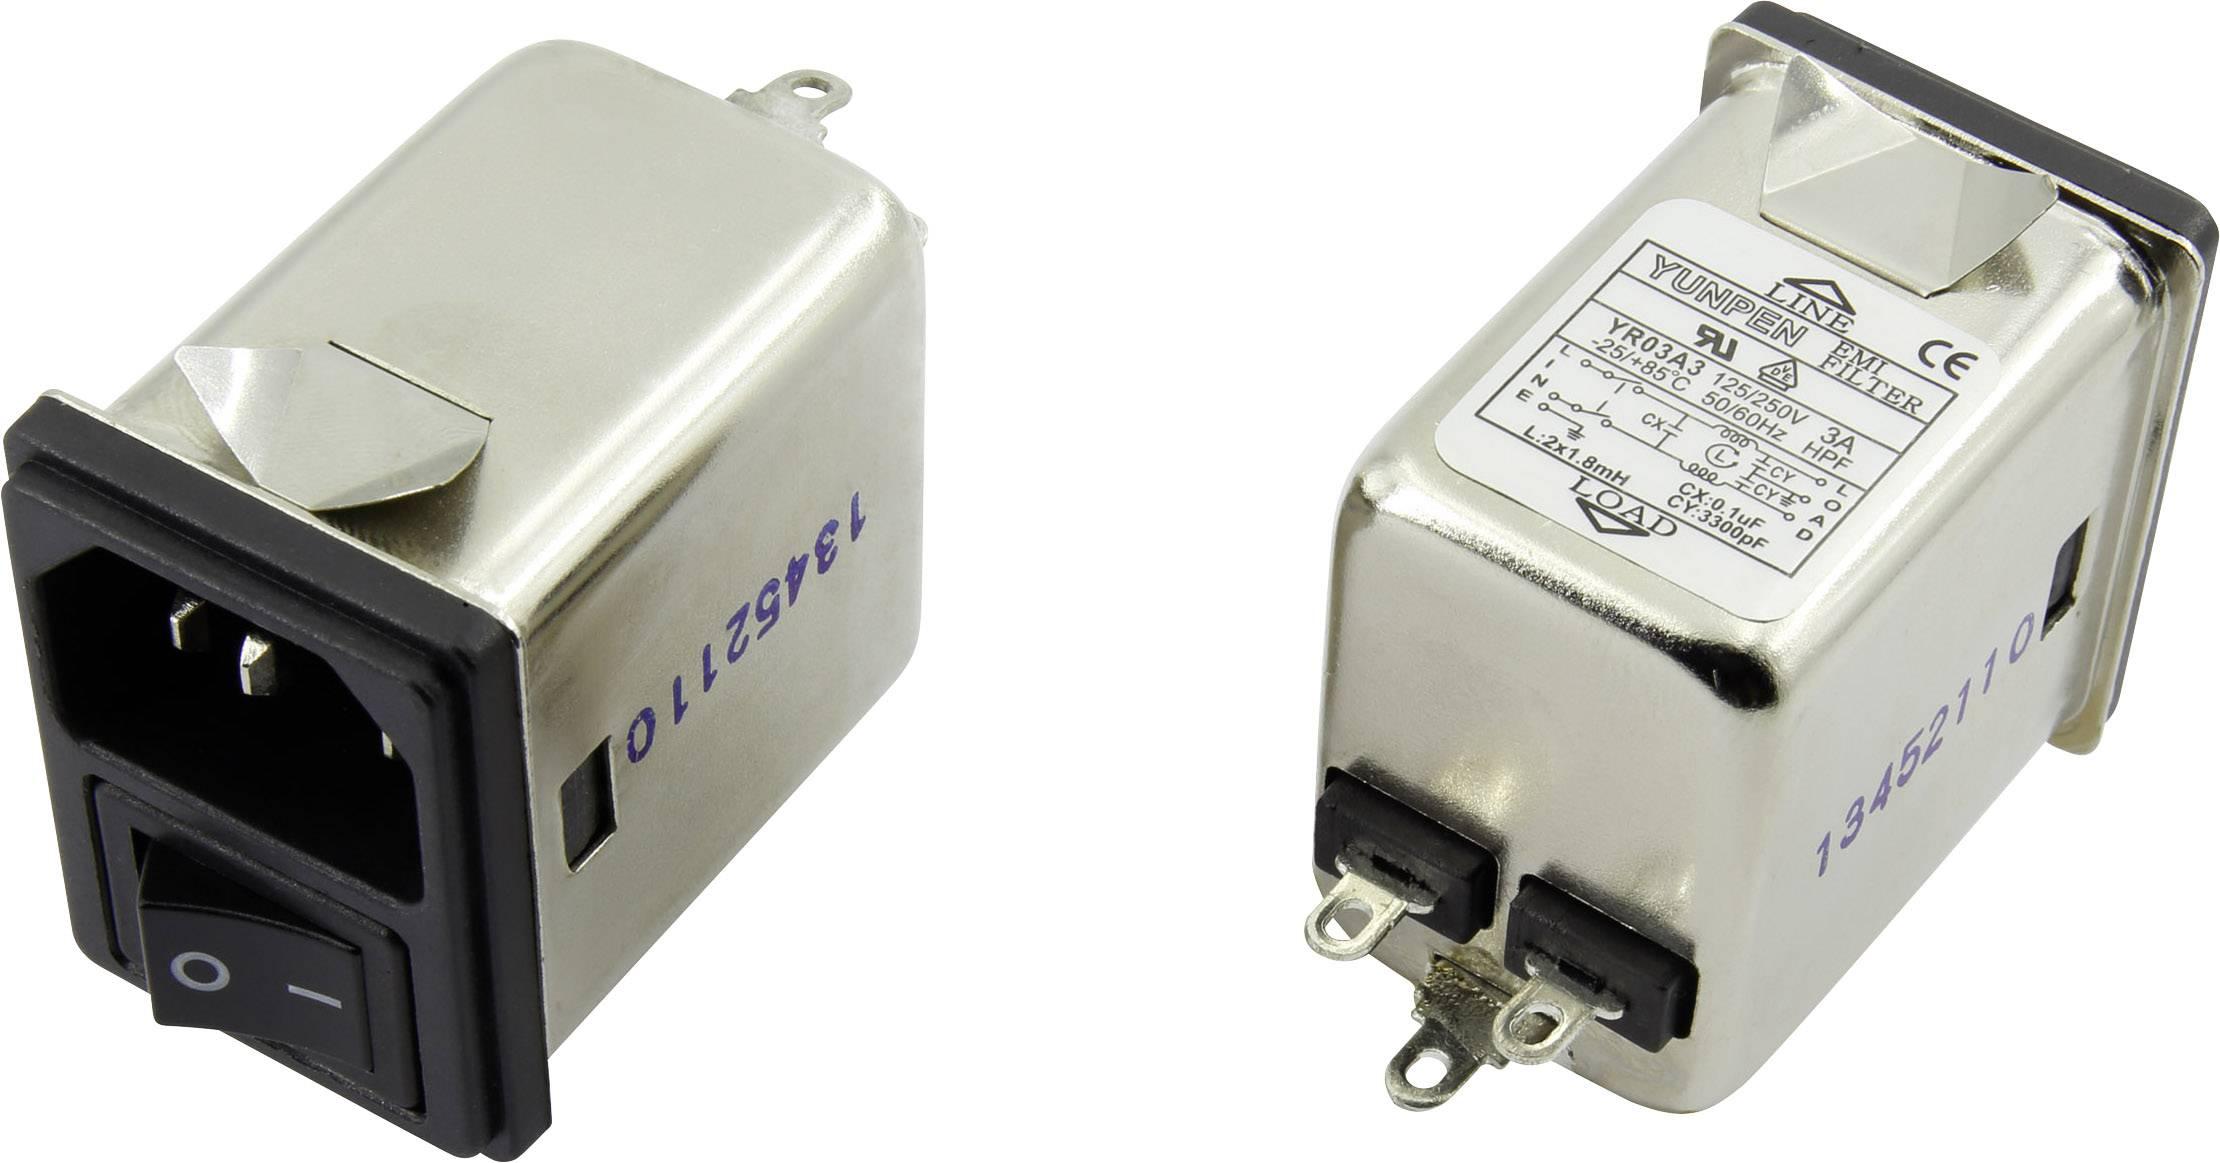 Odrušovací filtr Yunpen YR03A3 1326740, se spínačem, s IEC zásuvkou, 250 V/AC, 3 A, 1.8 mH, (d x š x v) 41.1 x 31.6 x 56 mm, 1 ks